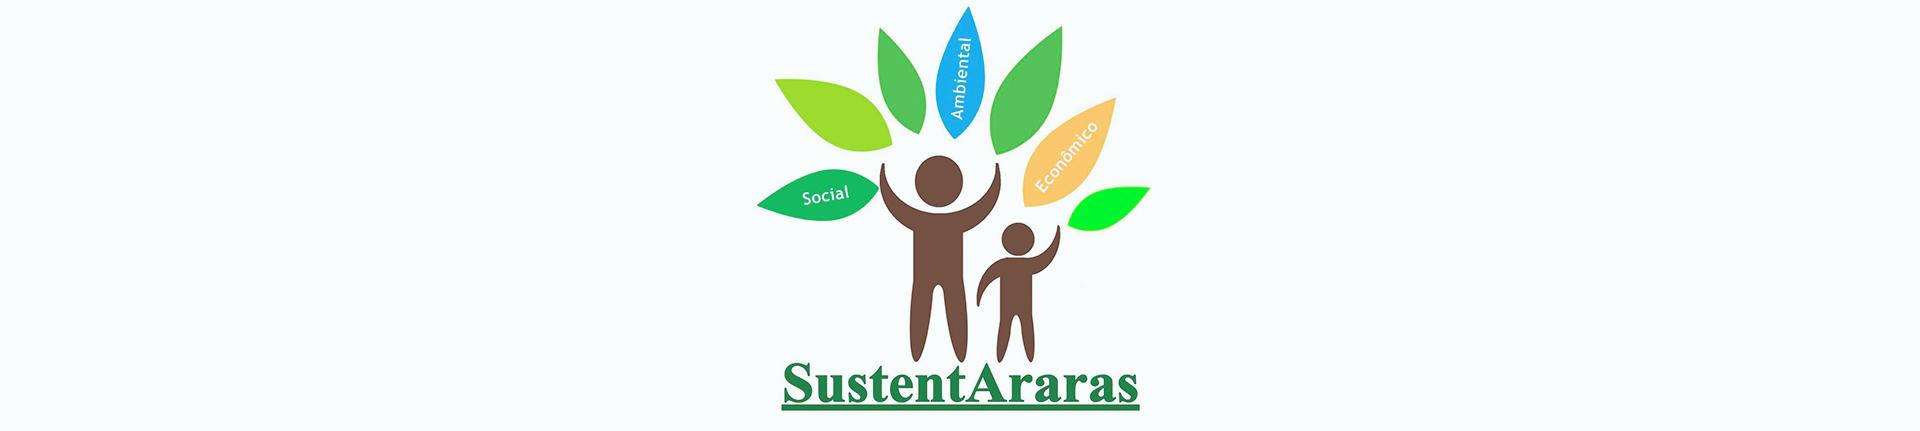 Projeto Araras: união com foco em boas ideias para o bem comum